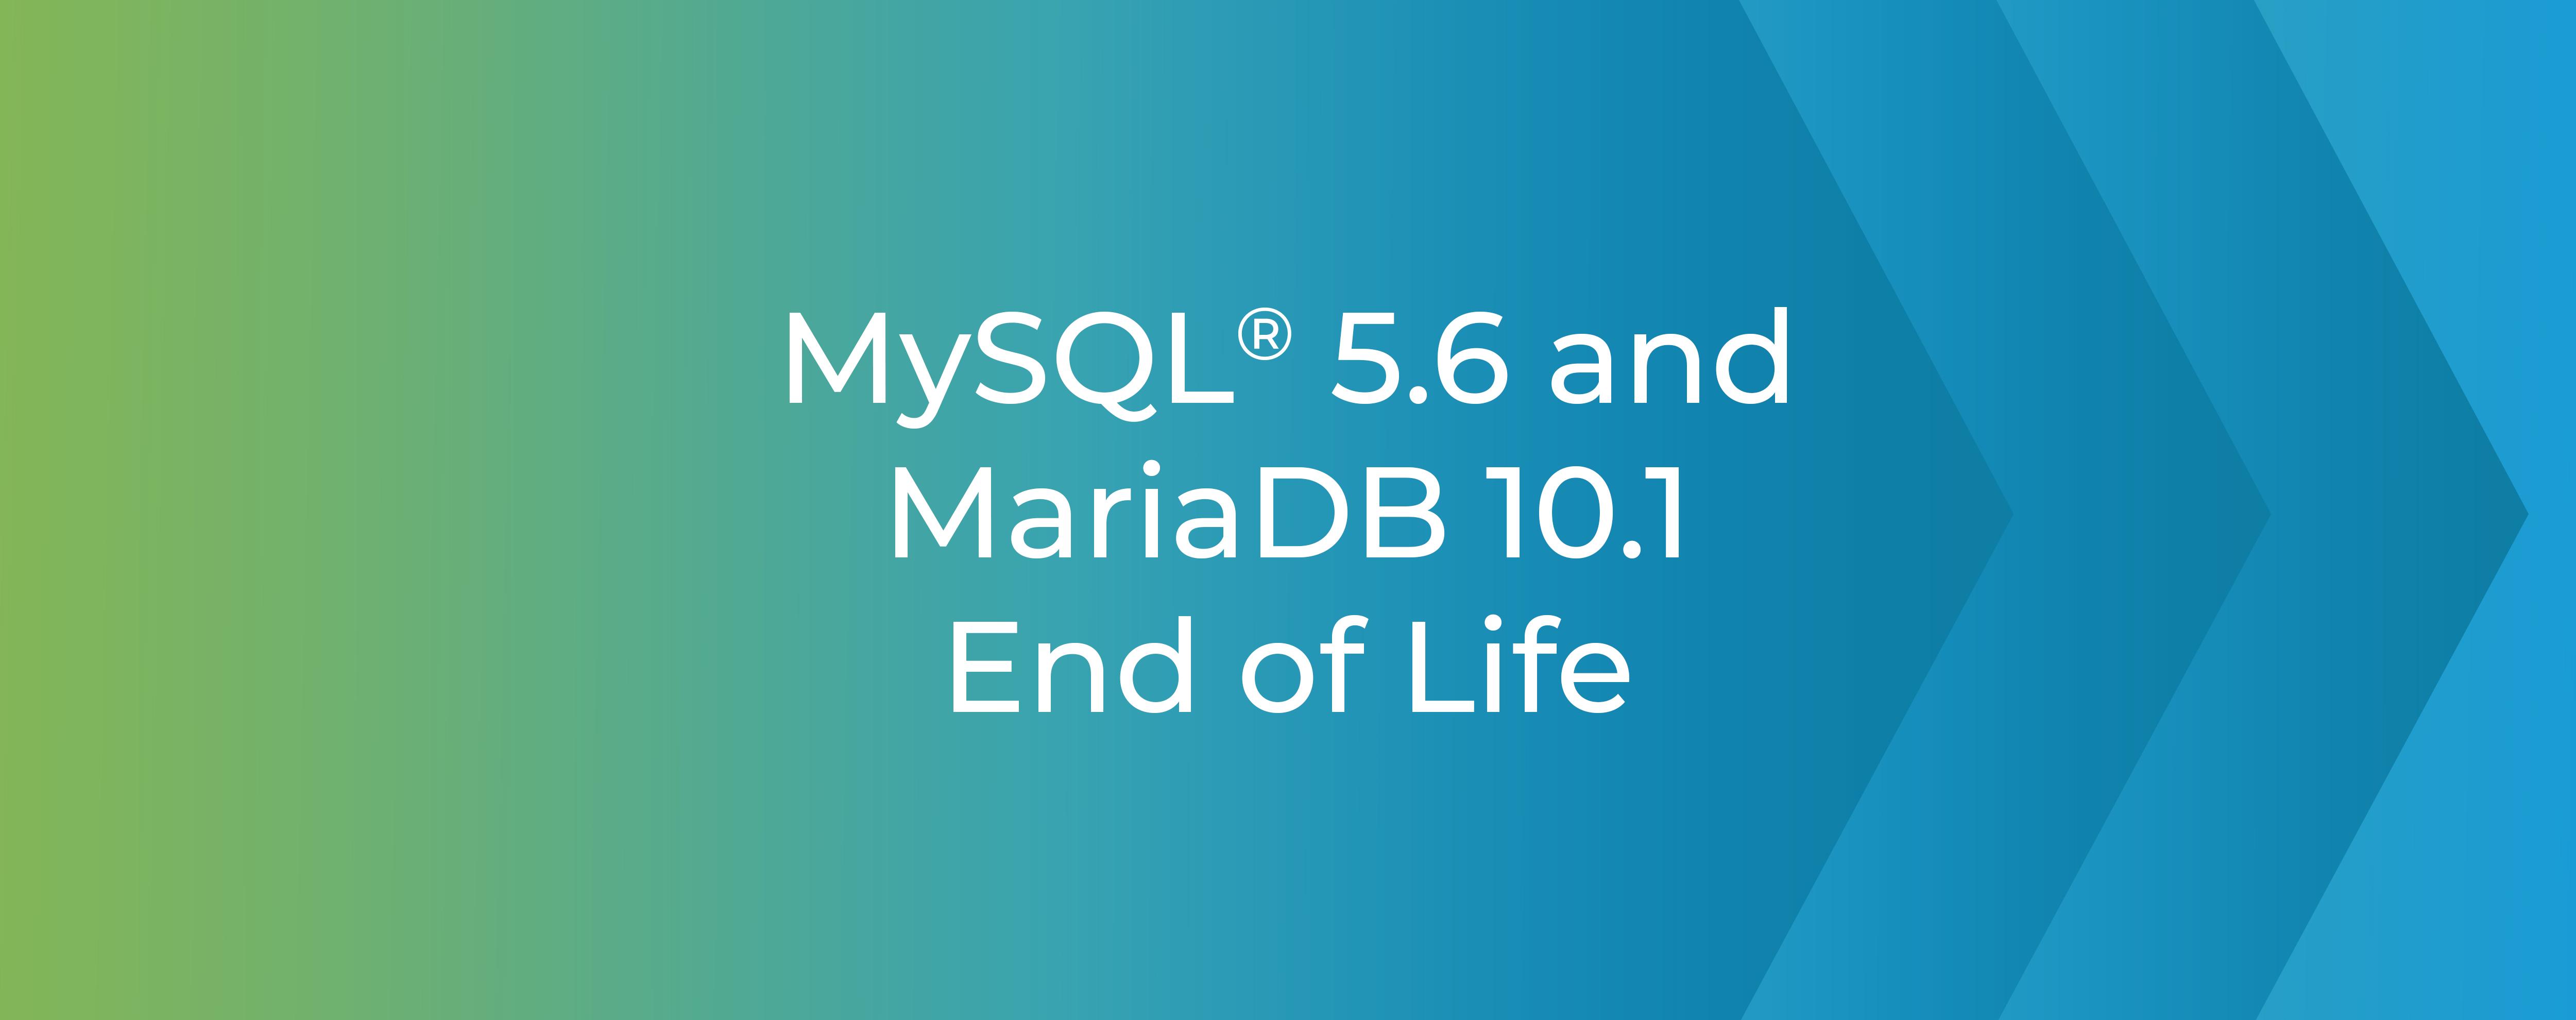 MySQL and MariaDB EoL